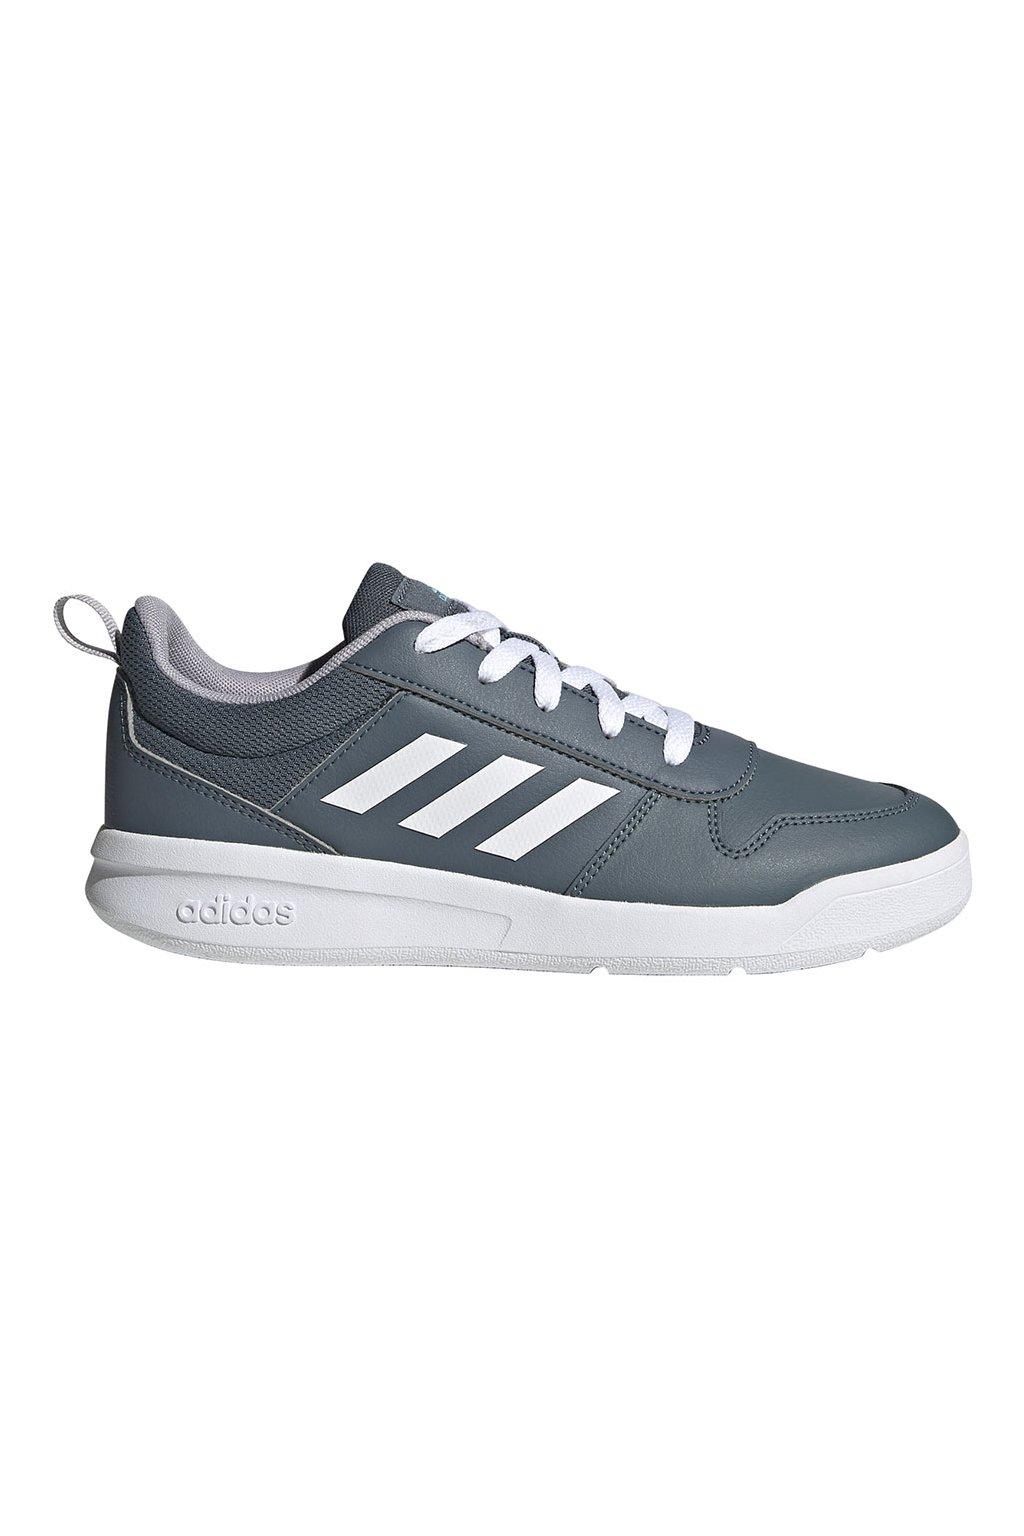 Detská obuv Adidas Tensaur K šedé FV9450